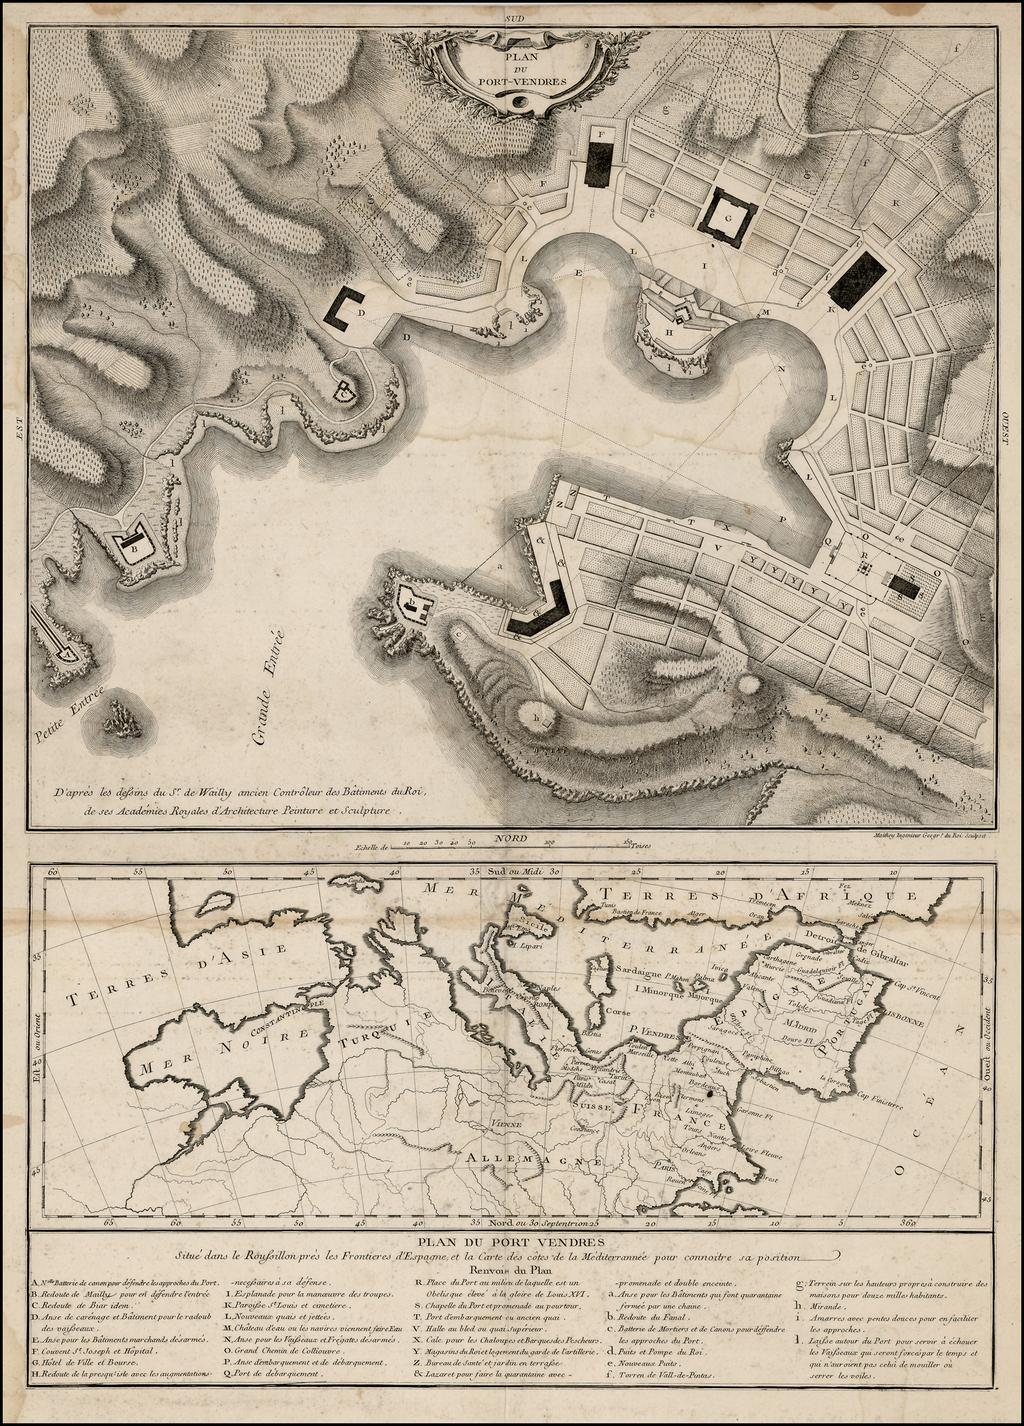 Plan Du Port-Vendres D'apres les dessins du Sr. de Wailly ancien Controleur des Batiments du Roi . . . . By Maurille Antoine Moithey